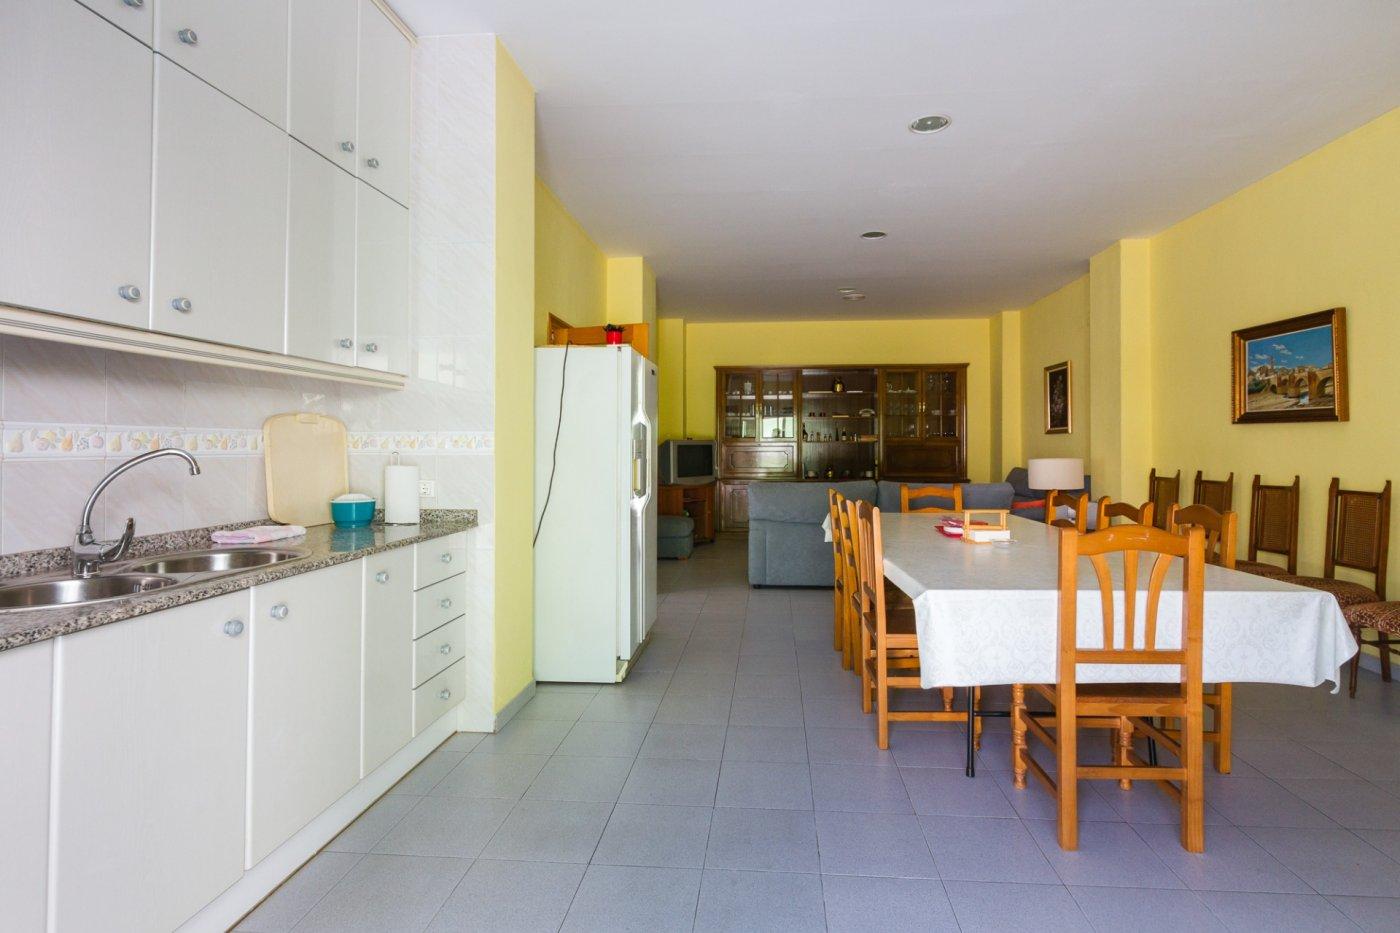 Gran casa en gandia de 800 m2 con casa de verano y nave de 300m2 - imagenInmueble13